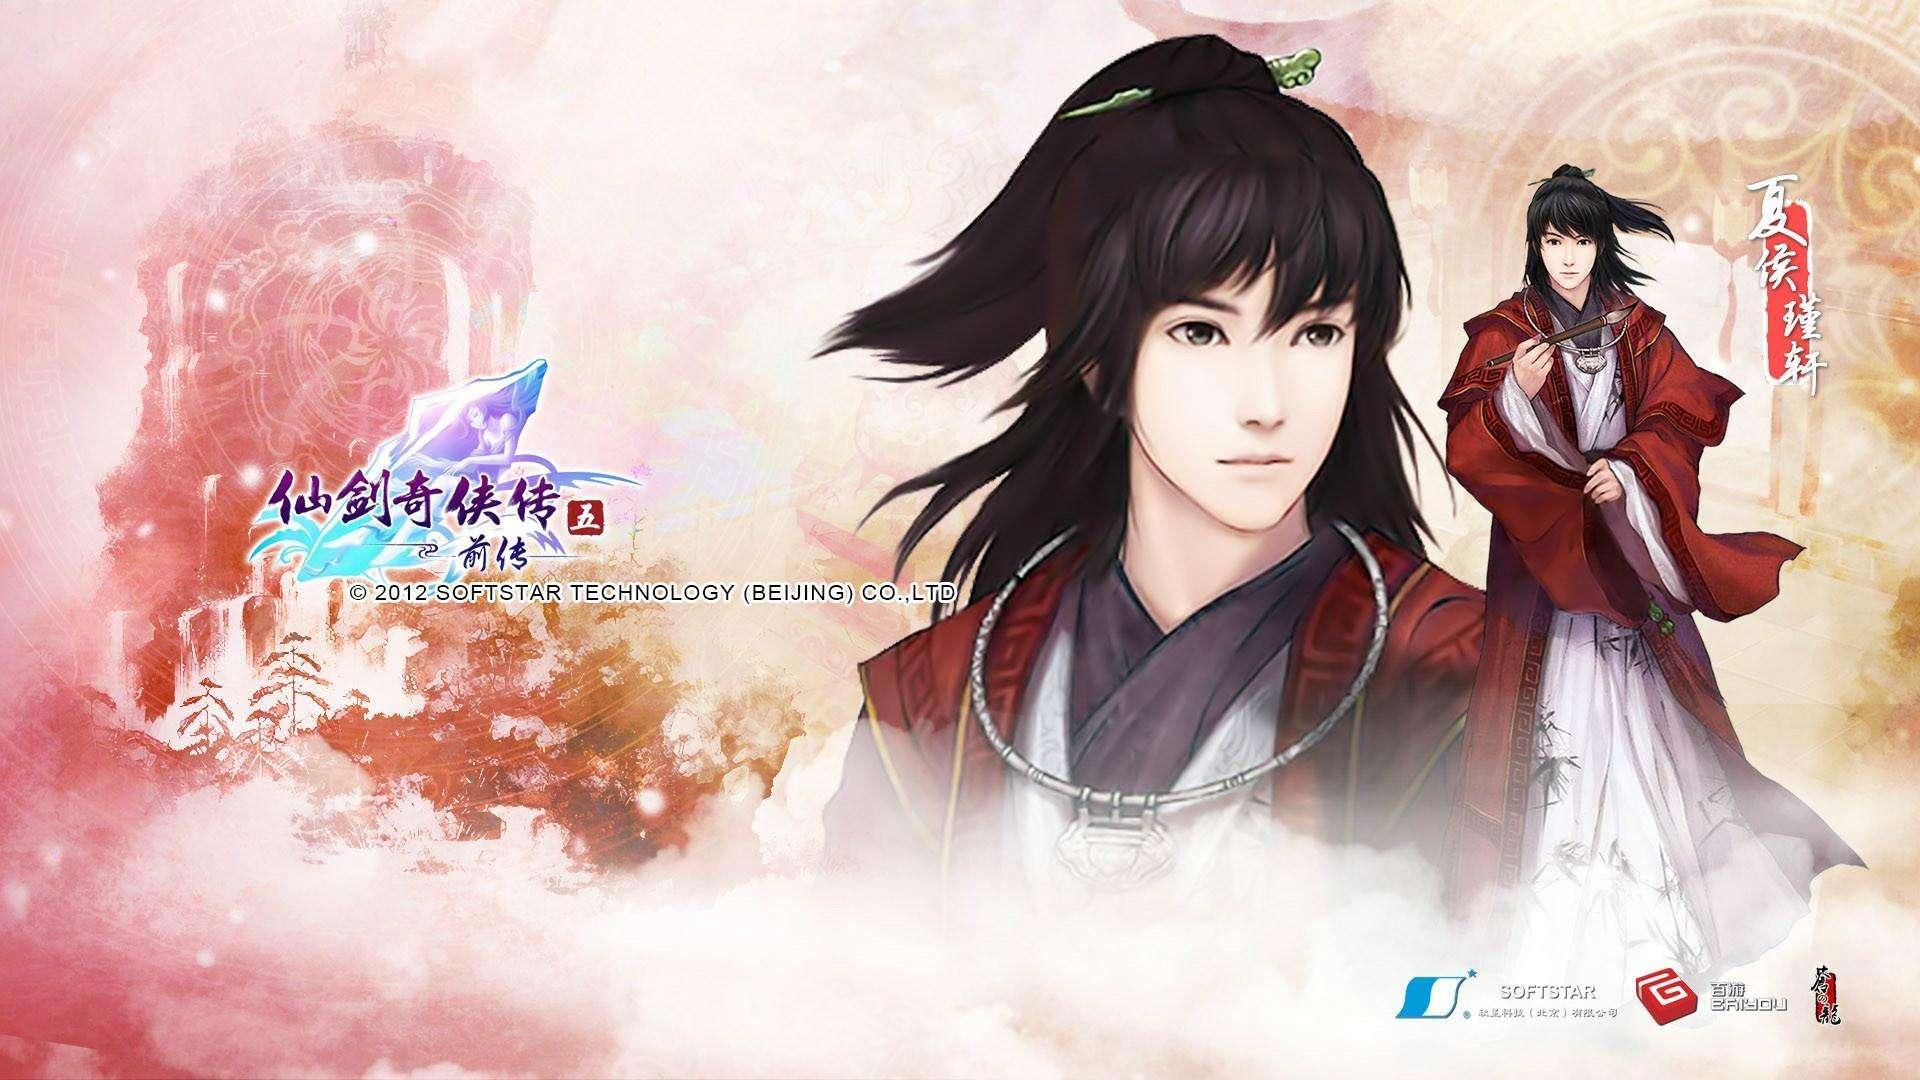 《仙剑奇侠传五前传》v1.01 - v1.02升级补丁